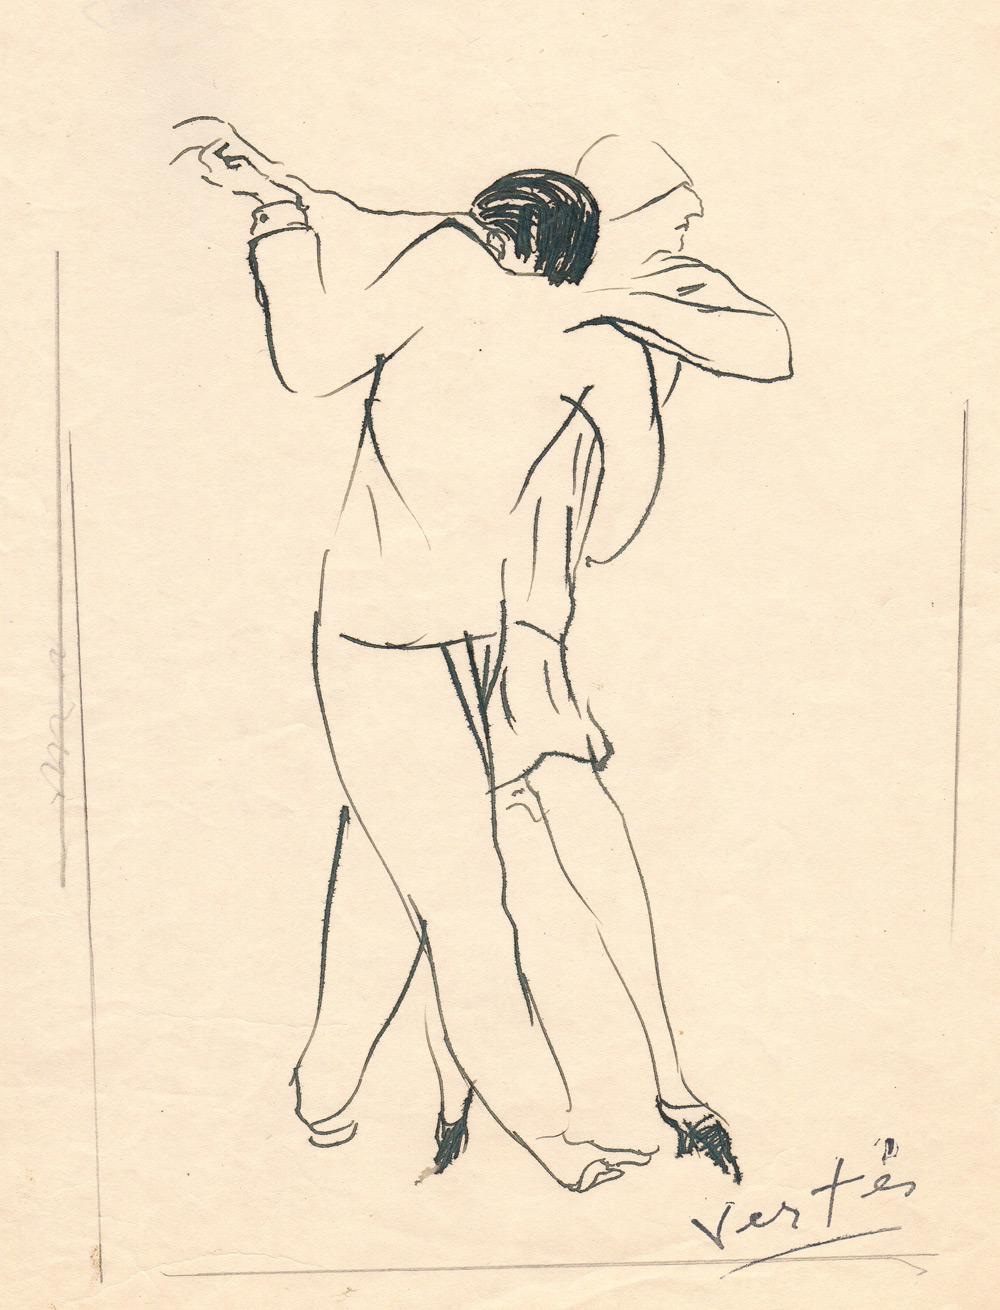 Couple dansant | Couple dansant | Marcel Vertès